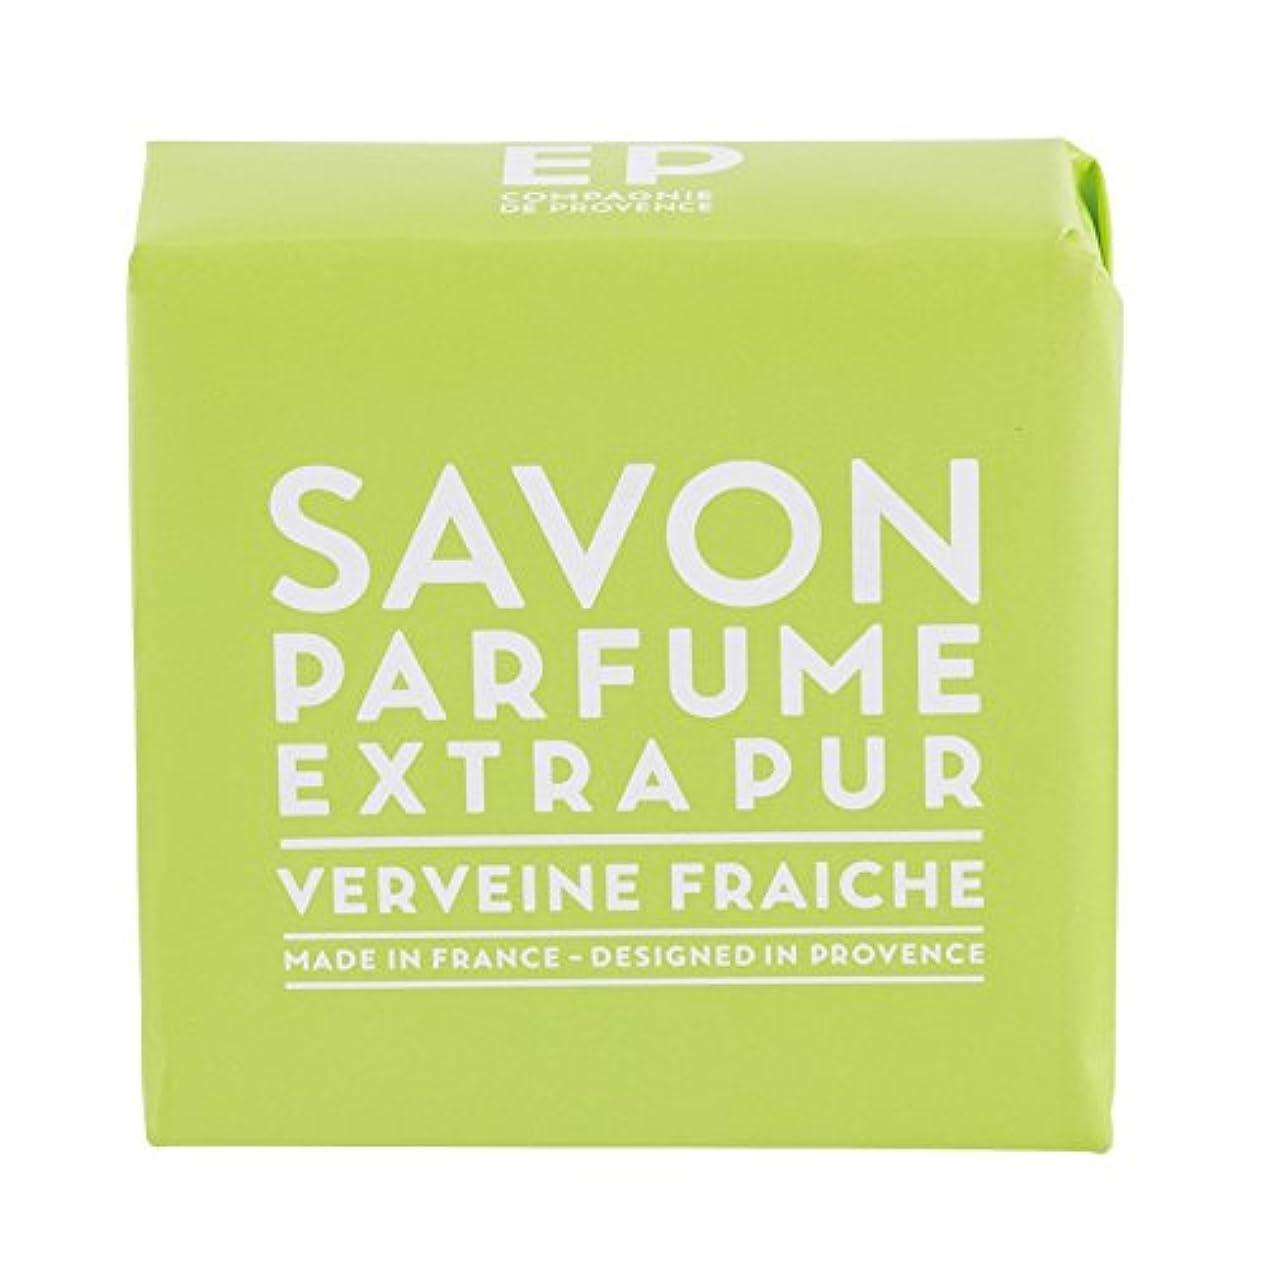 アイザック生むフィールドカンパニードプロバンス EXP  マルセイユソープ バーベナ 100g(全身用石けん?フランス製?フレッシュで爽快感のあるバーベナの香り)